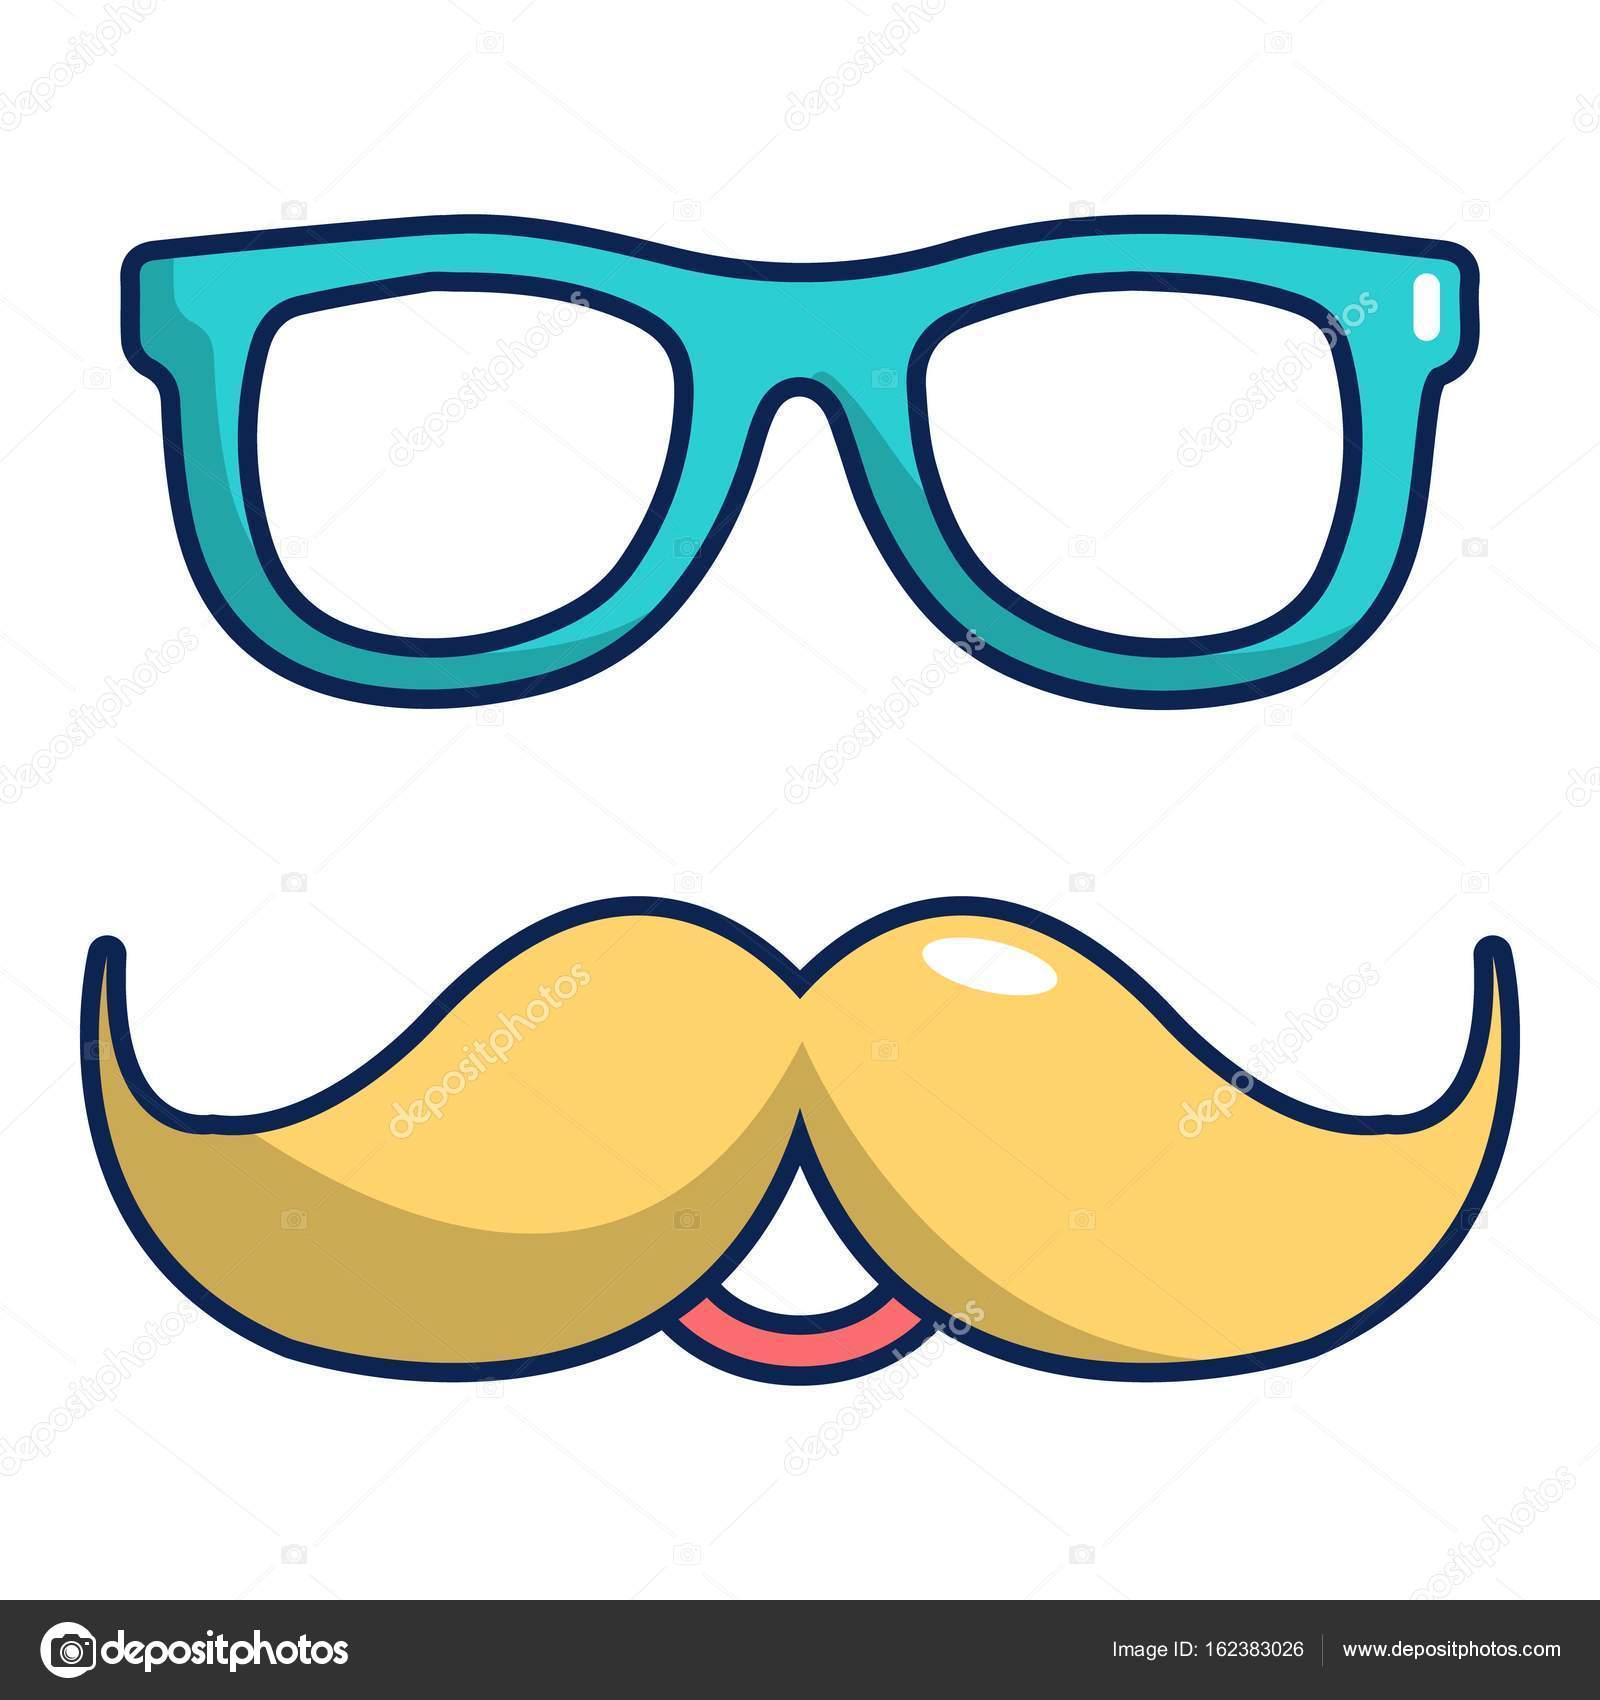 c0694e951cda3 1600x1700 Nerd Glasses And Mustaches Icon